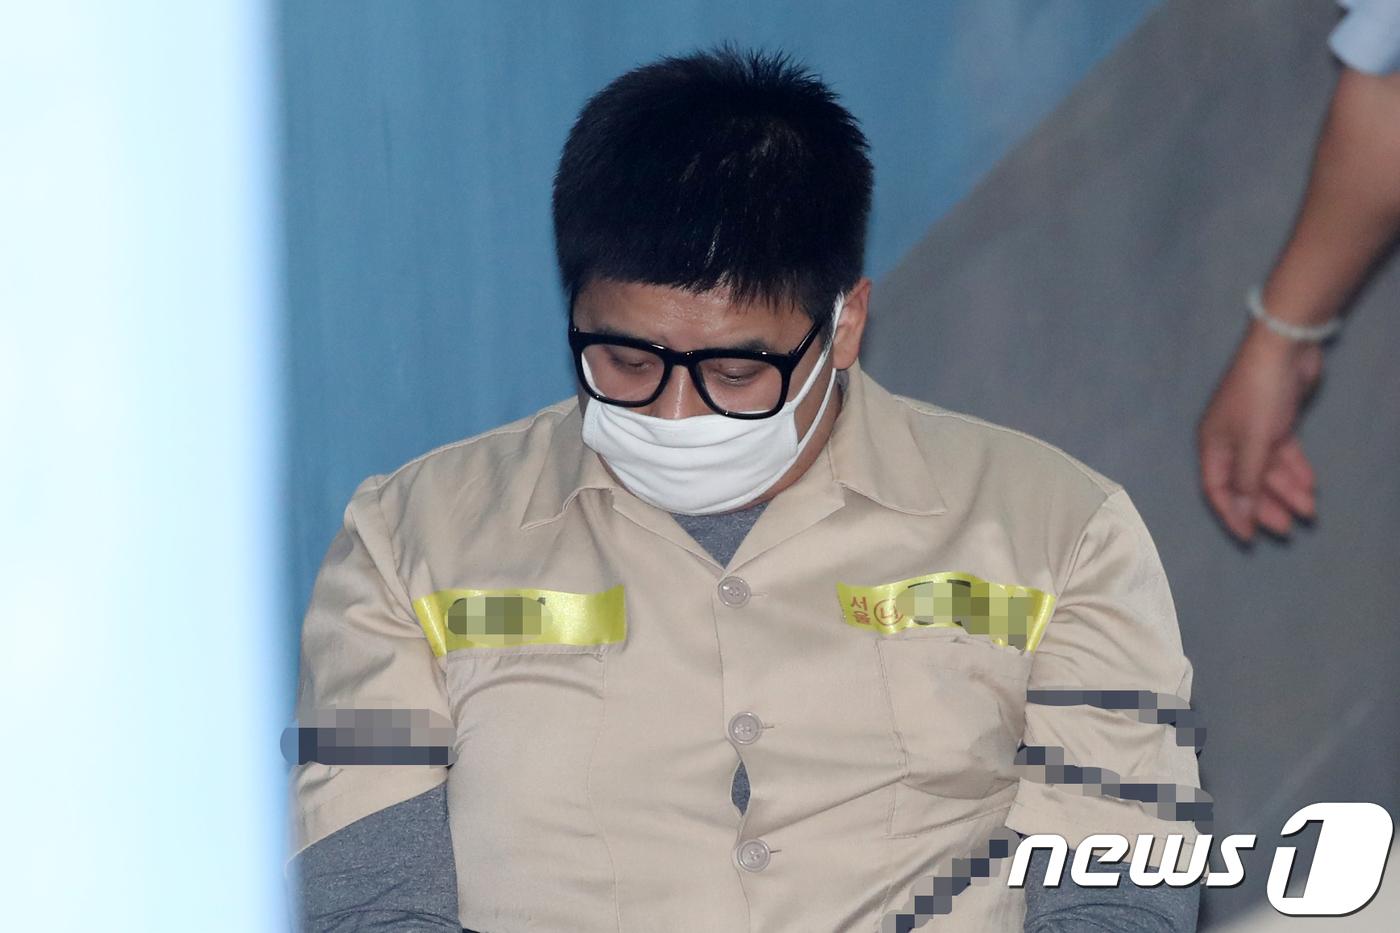 대법 '어금니아빠' 이영학 29일 선고..무기징역 확정되나[해외축구승무패 강추바카라겜]